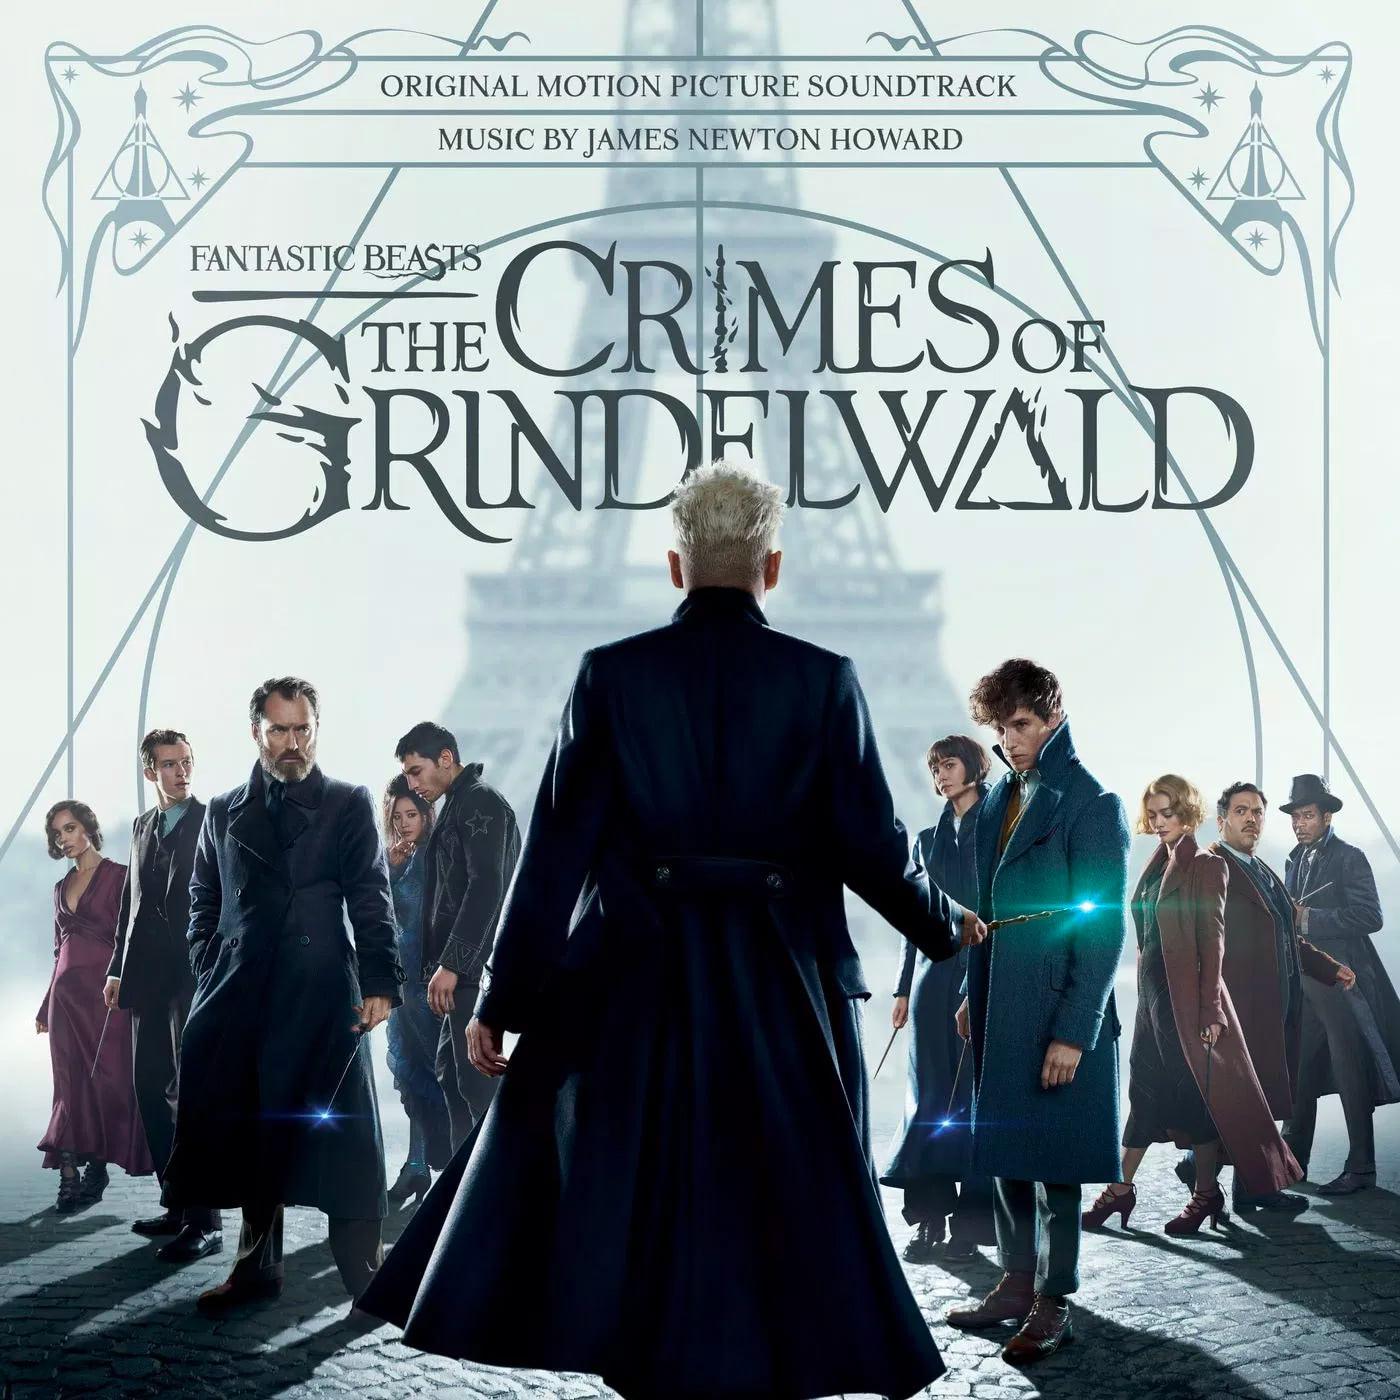 'Crimes of Grindelwald' official soundtrack